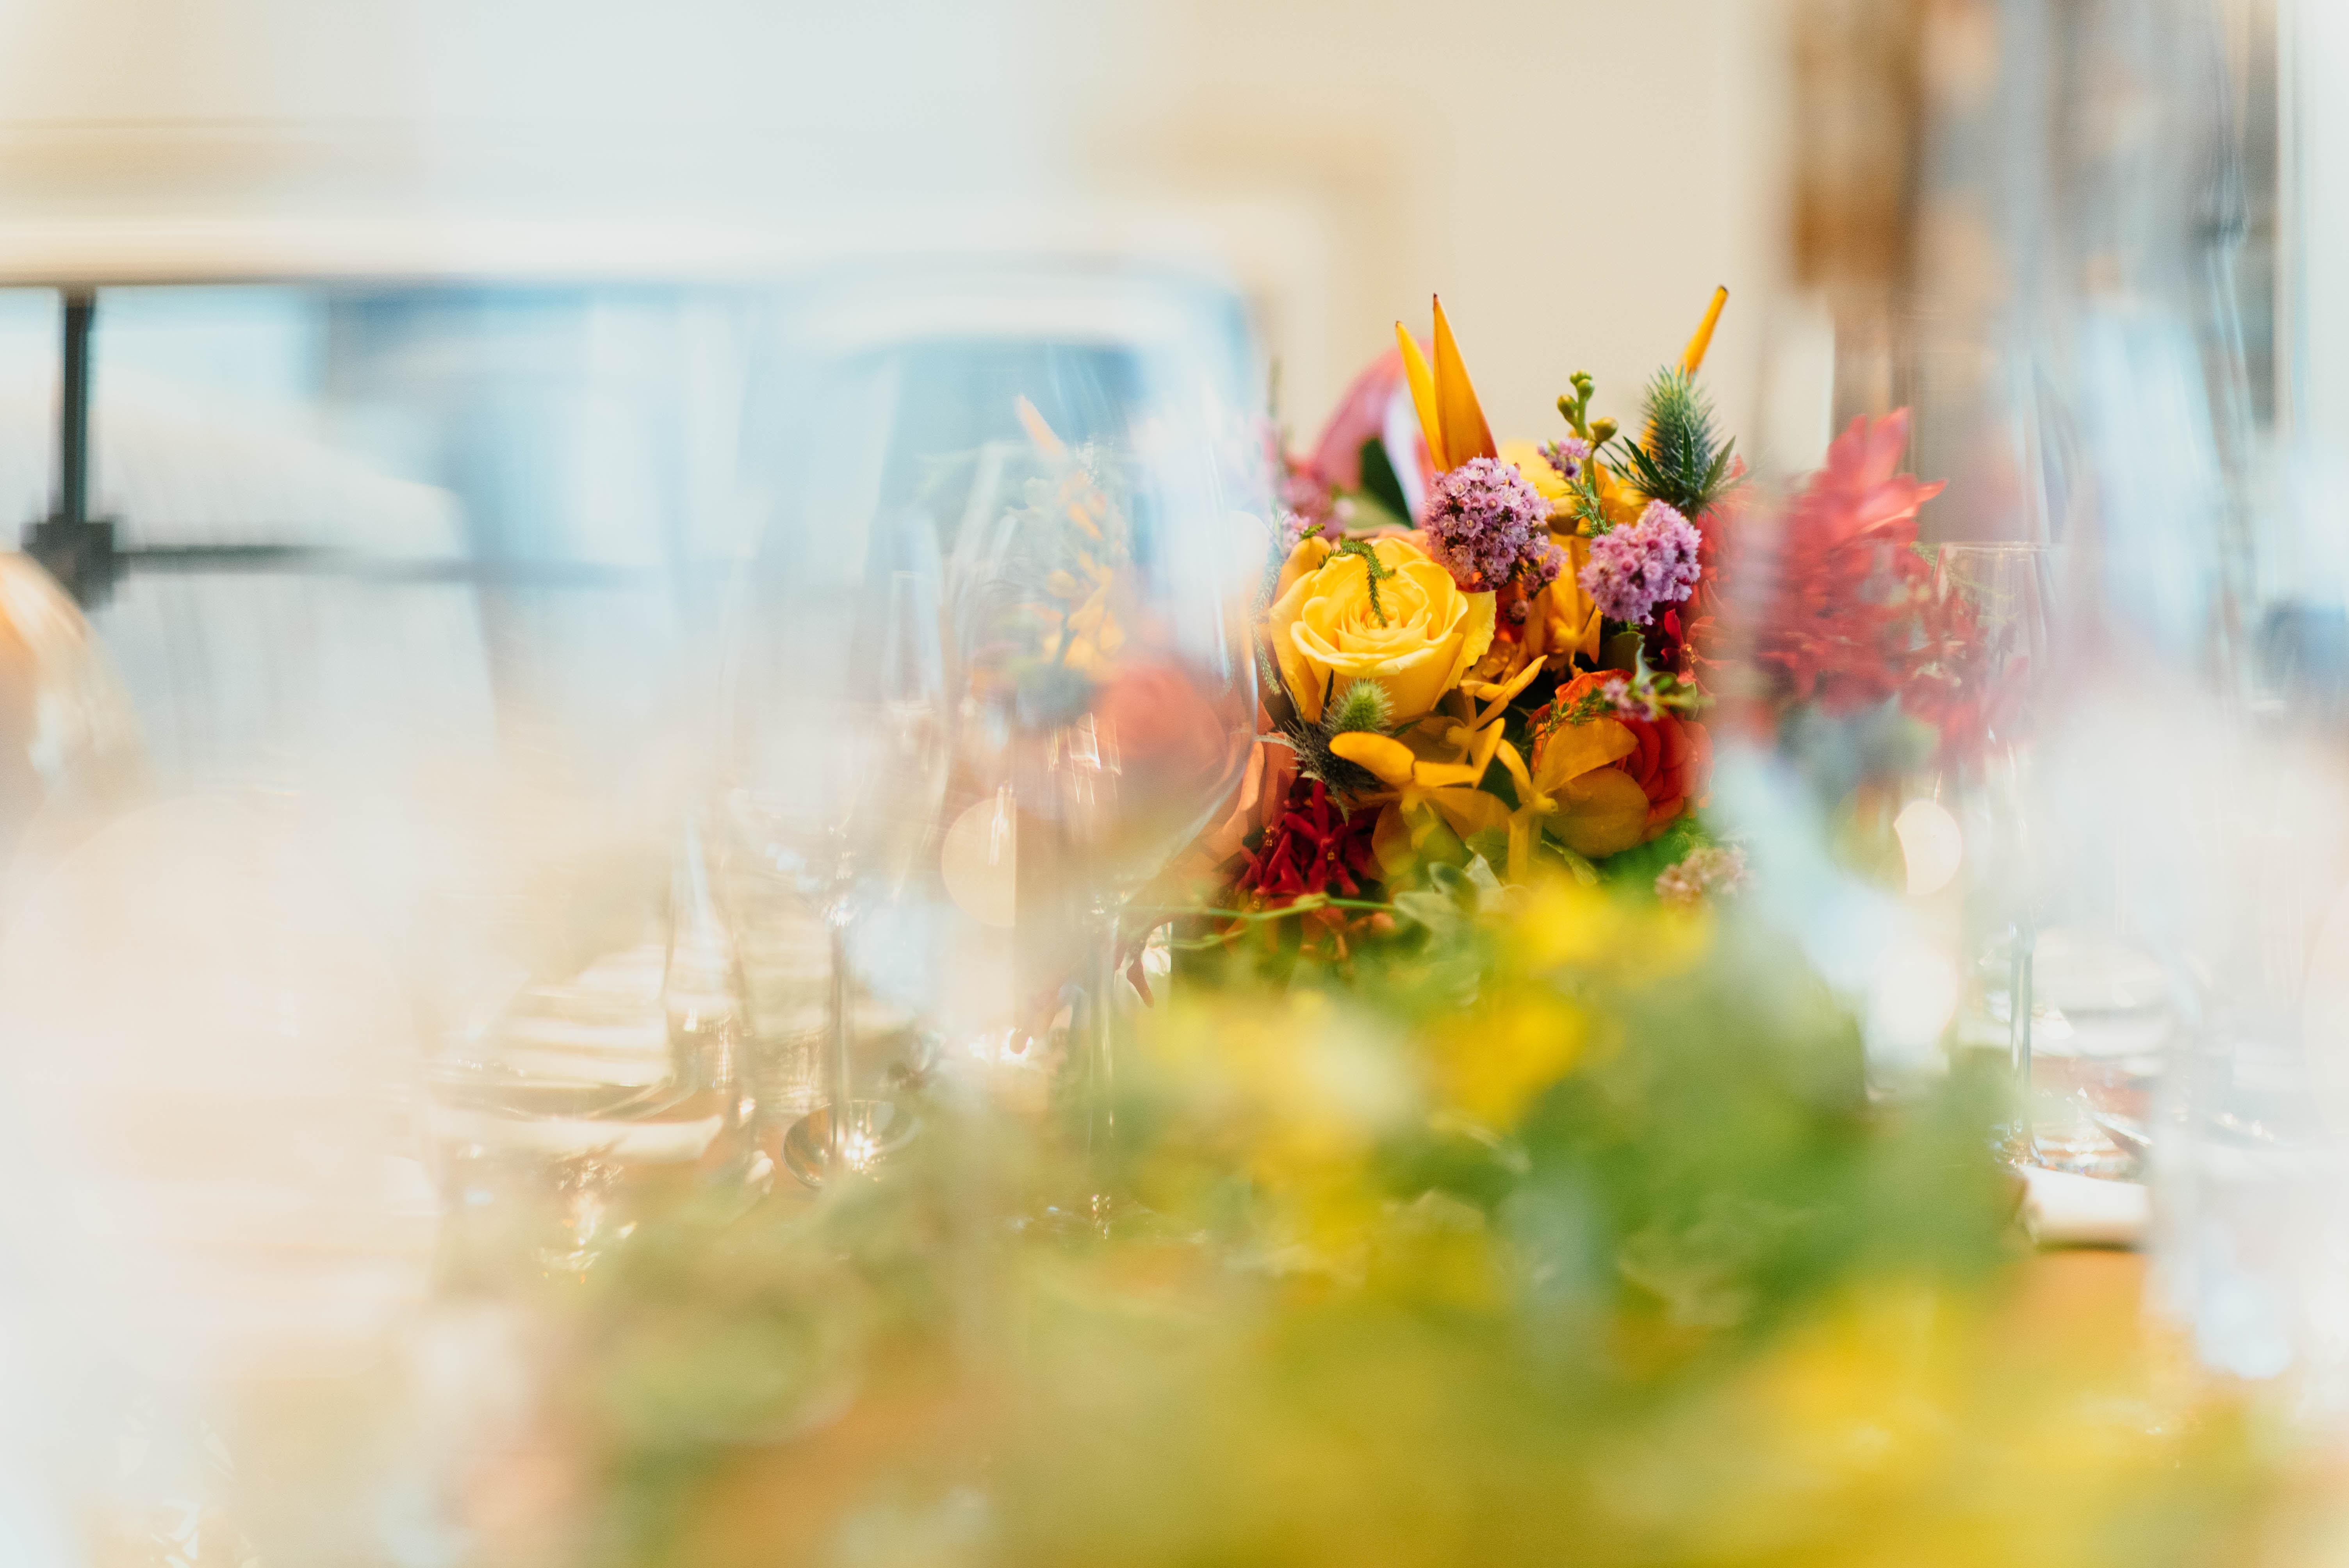 tilt shift lens photography of yellow flower near wine glass